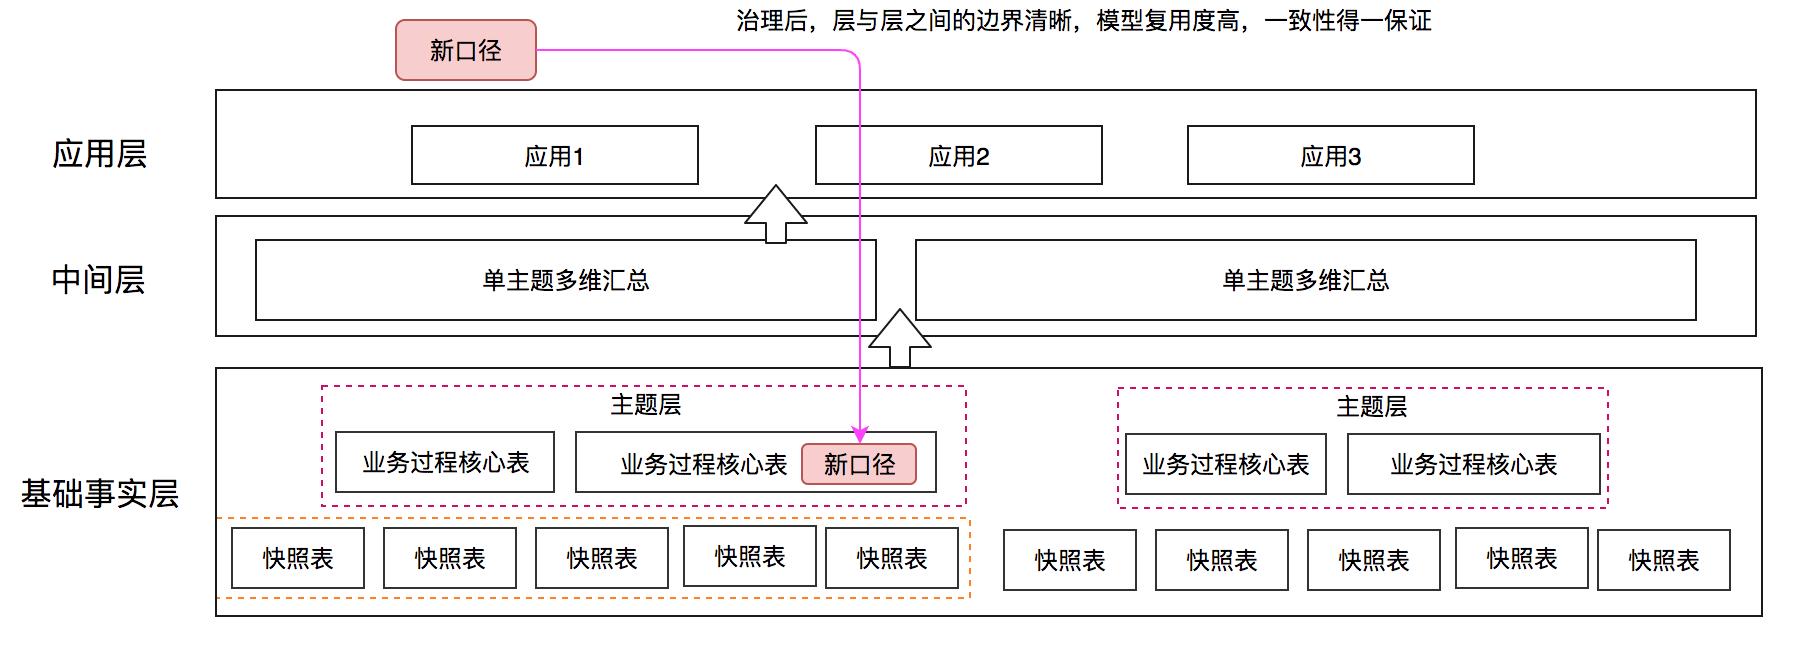 治理后模型架构